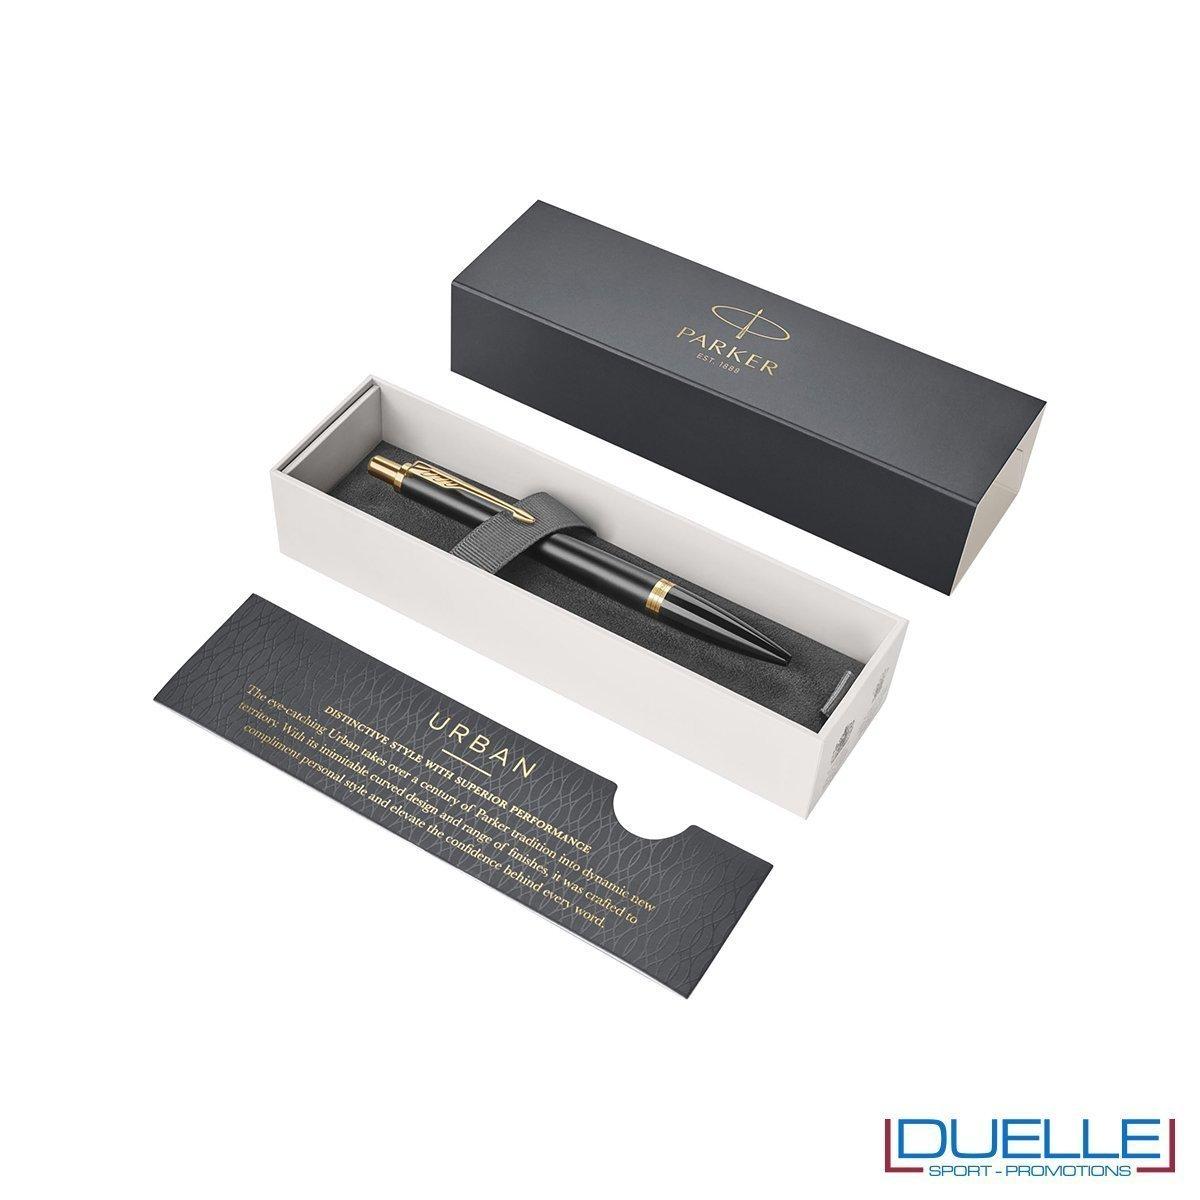 Penna Parker a sfera Urban colore nero particolari oro in confezione regalo